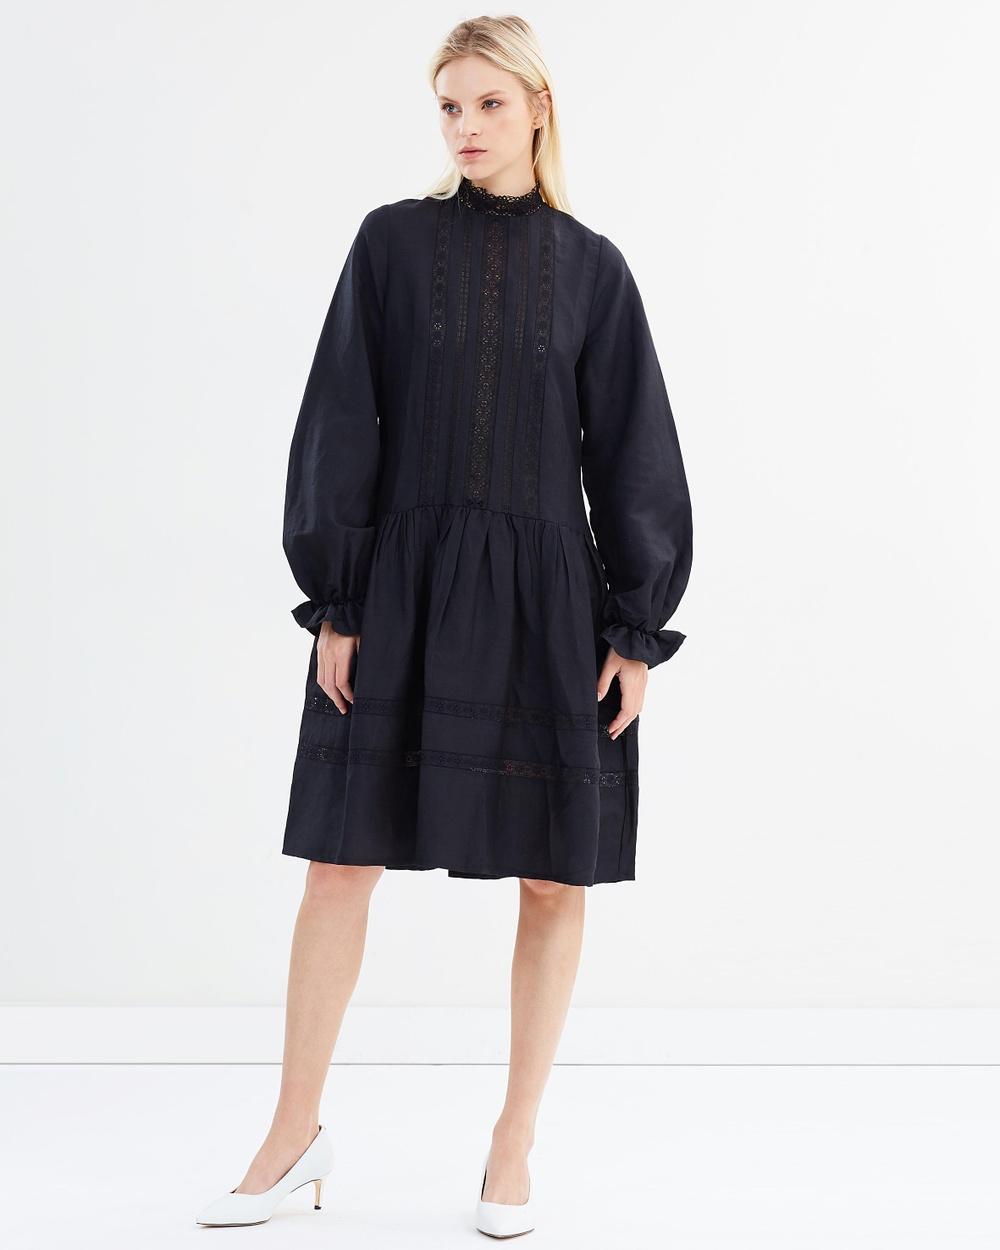 Matin Jissel Lace Trim Dress Dresses Black Jissel Lace Trim Dress